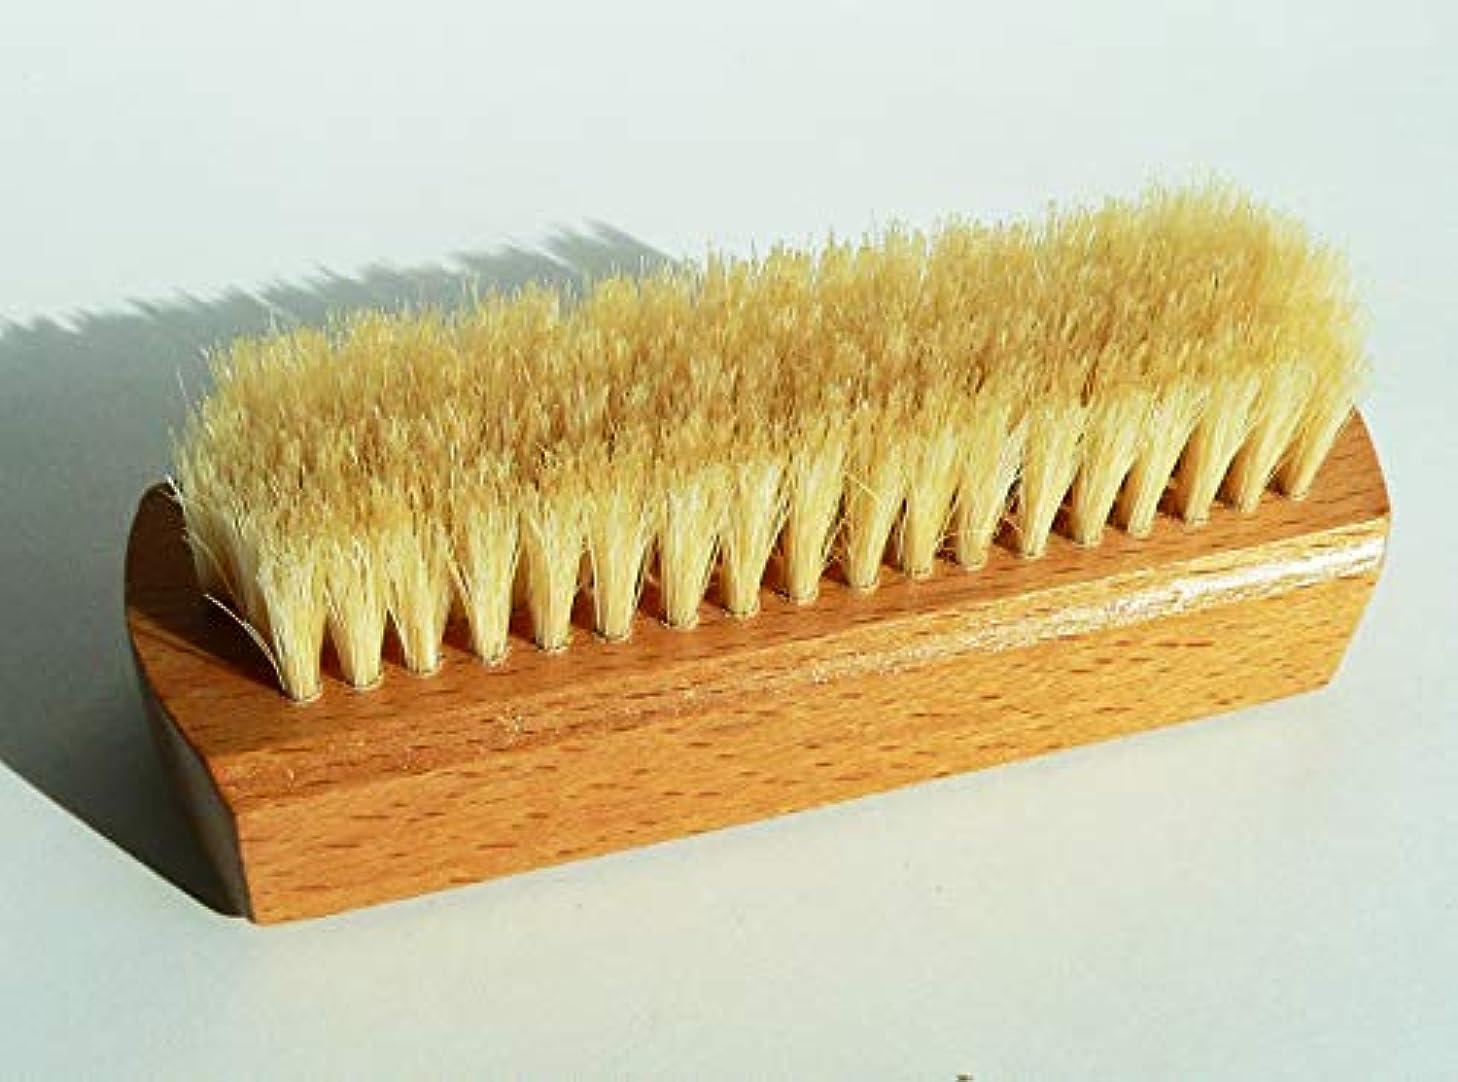 牛臨検クランプ浅草の老舗ブラシ専門店の 爪磨き ネイルブラシ (単品)